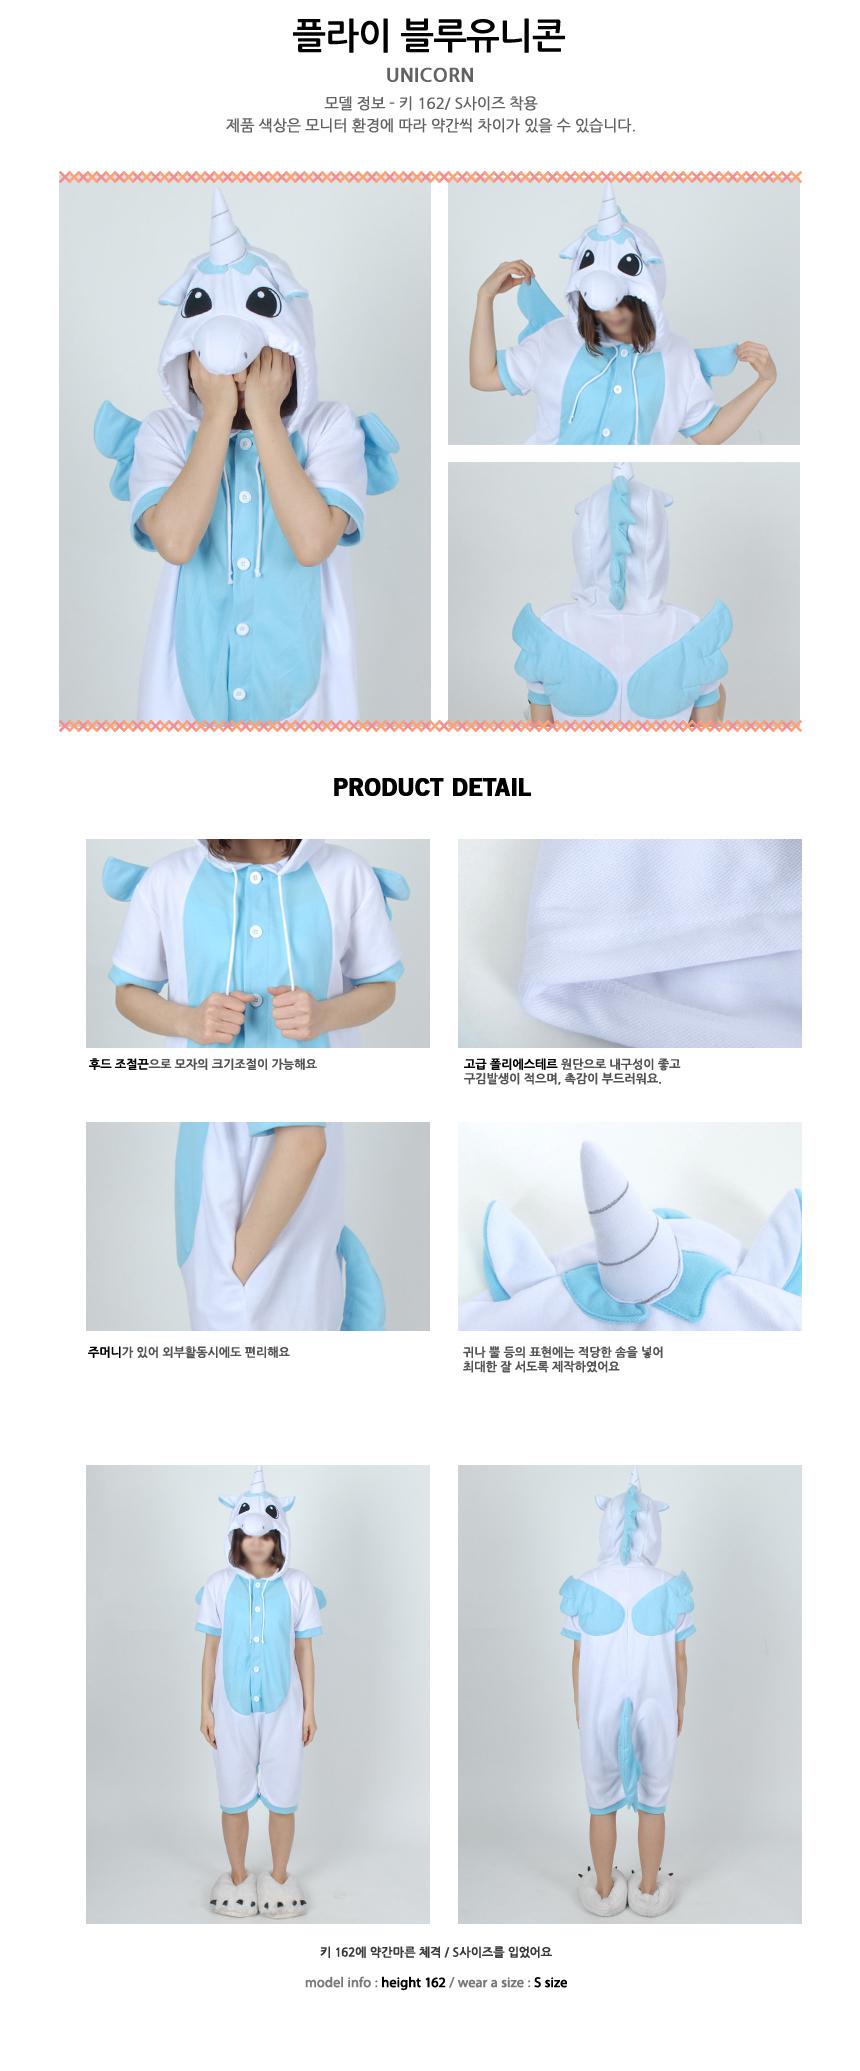 반팔 동물잠옷 유니콘 (블루) - 스위트홀릭, 35,000원, 잠옷, 동물잠옷